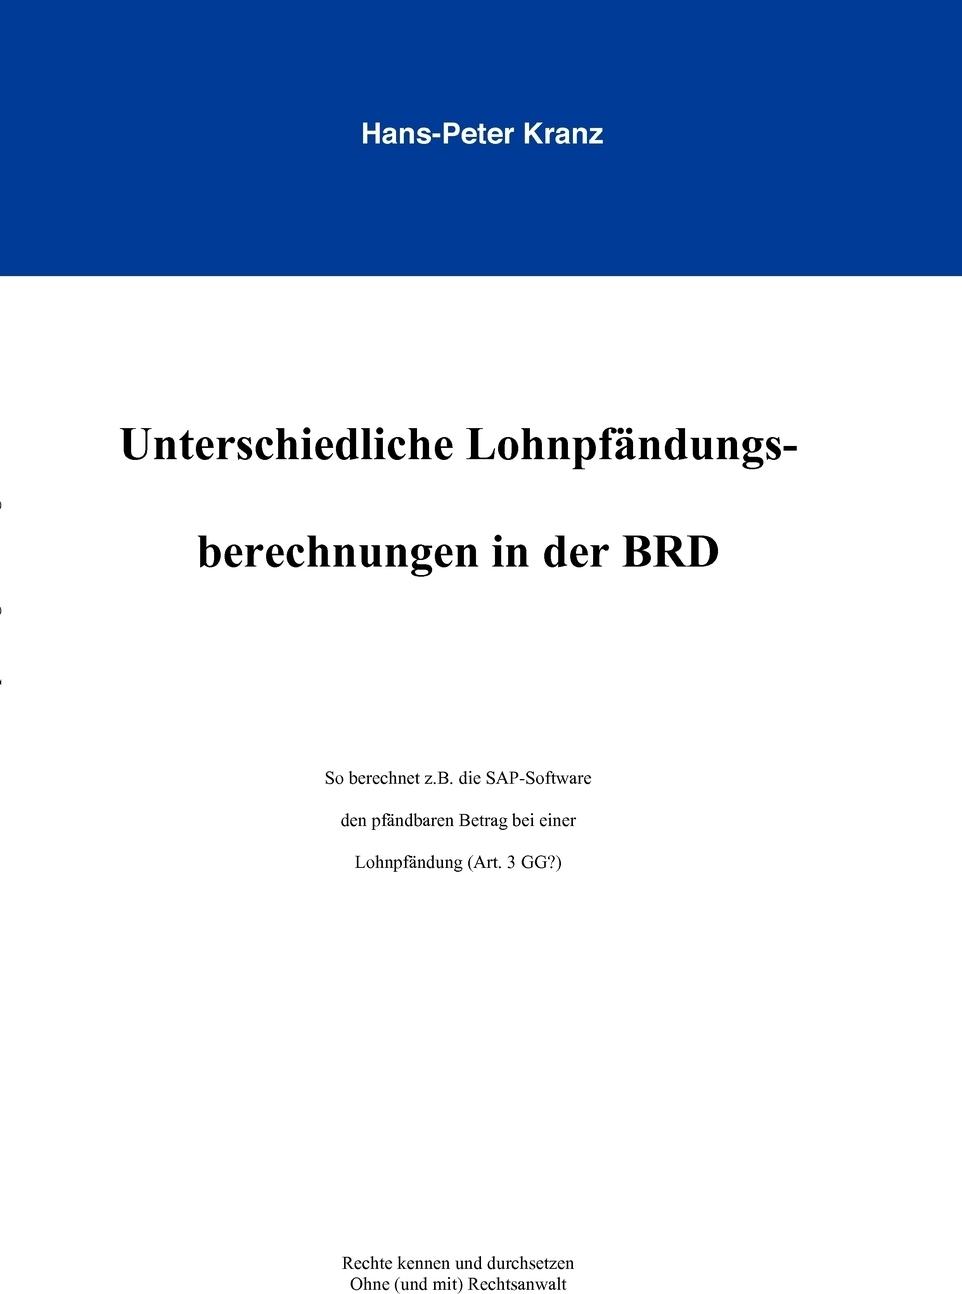 Unterschiedliche Lohnpfandungsberechnungen in der BRD. Hans-Peter Kranz